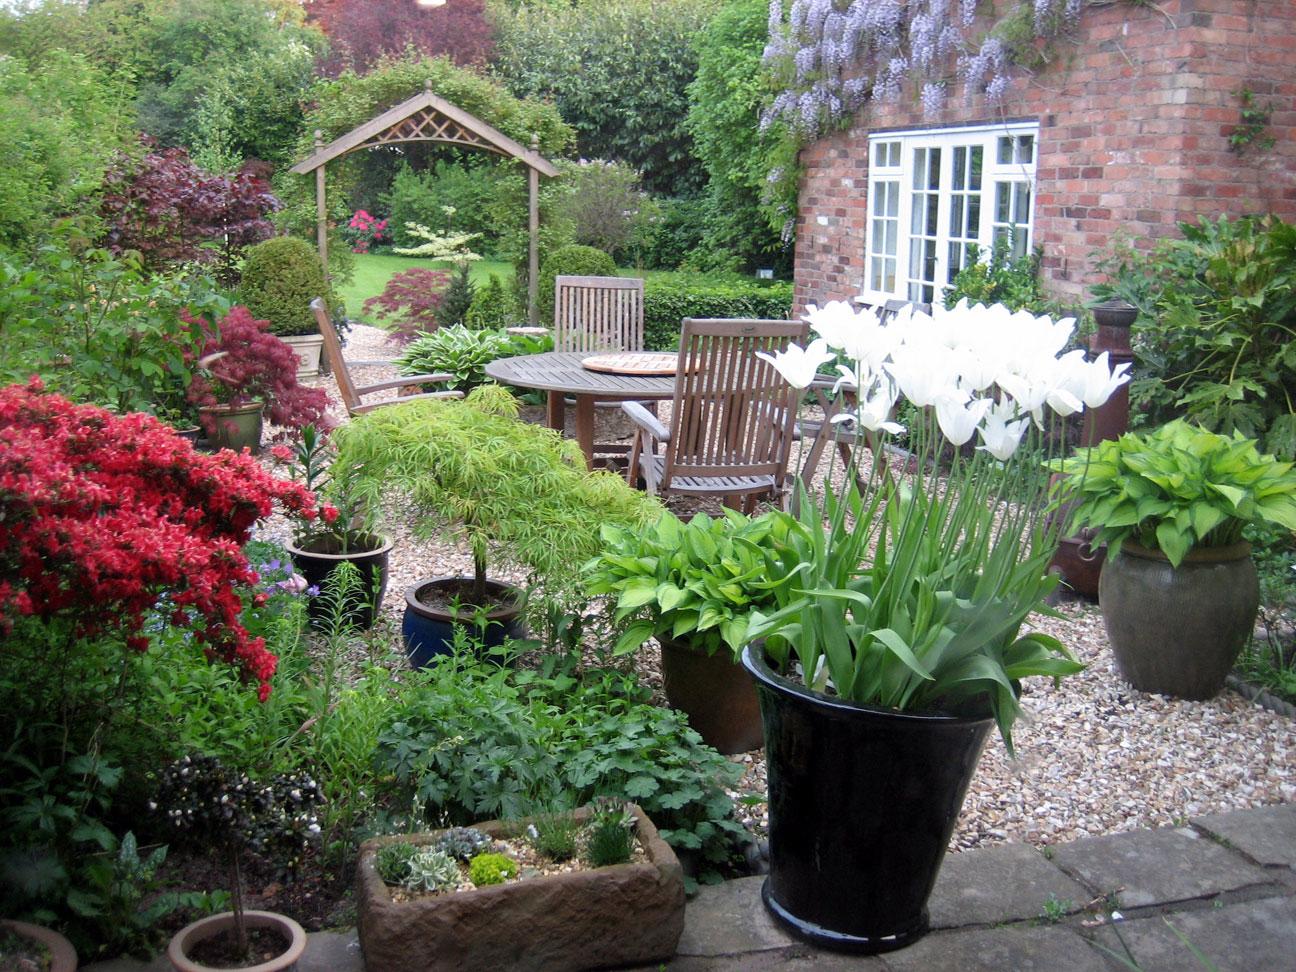 courtyard garden design ideas photo - 7